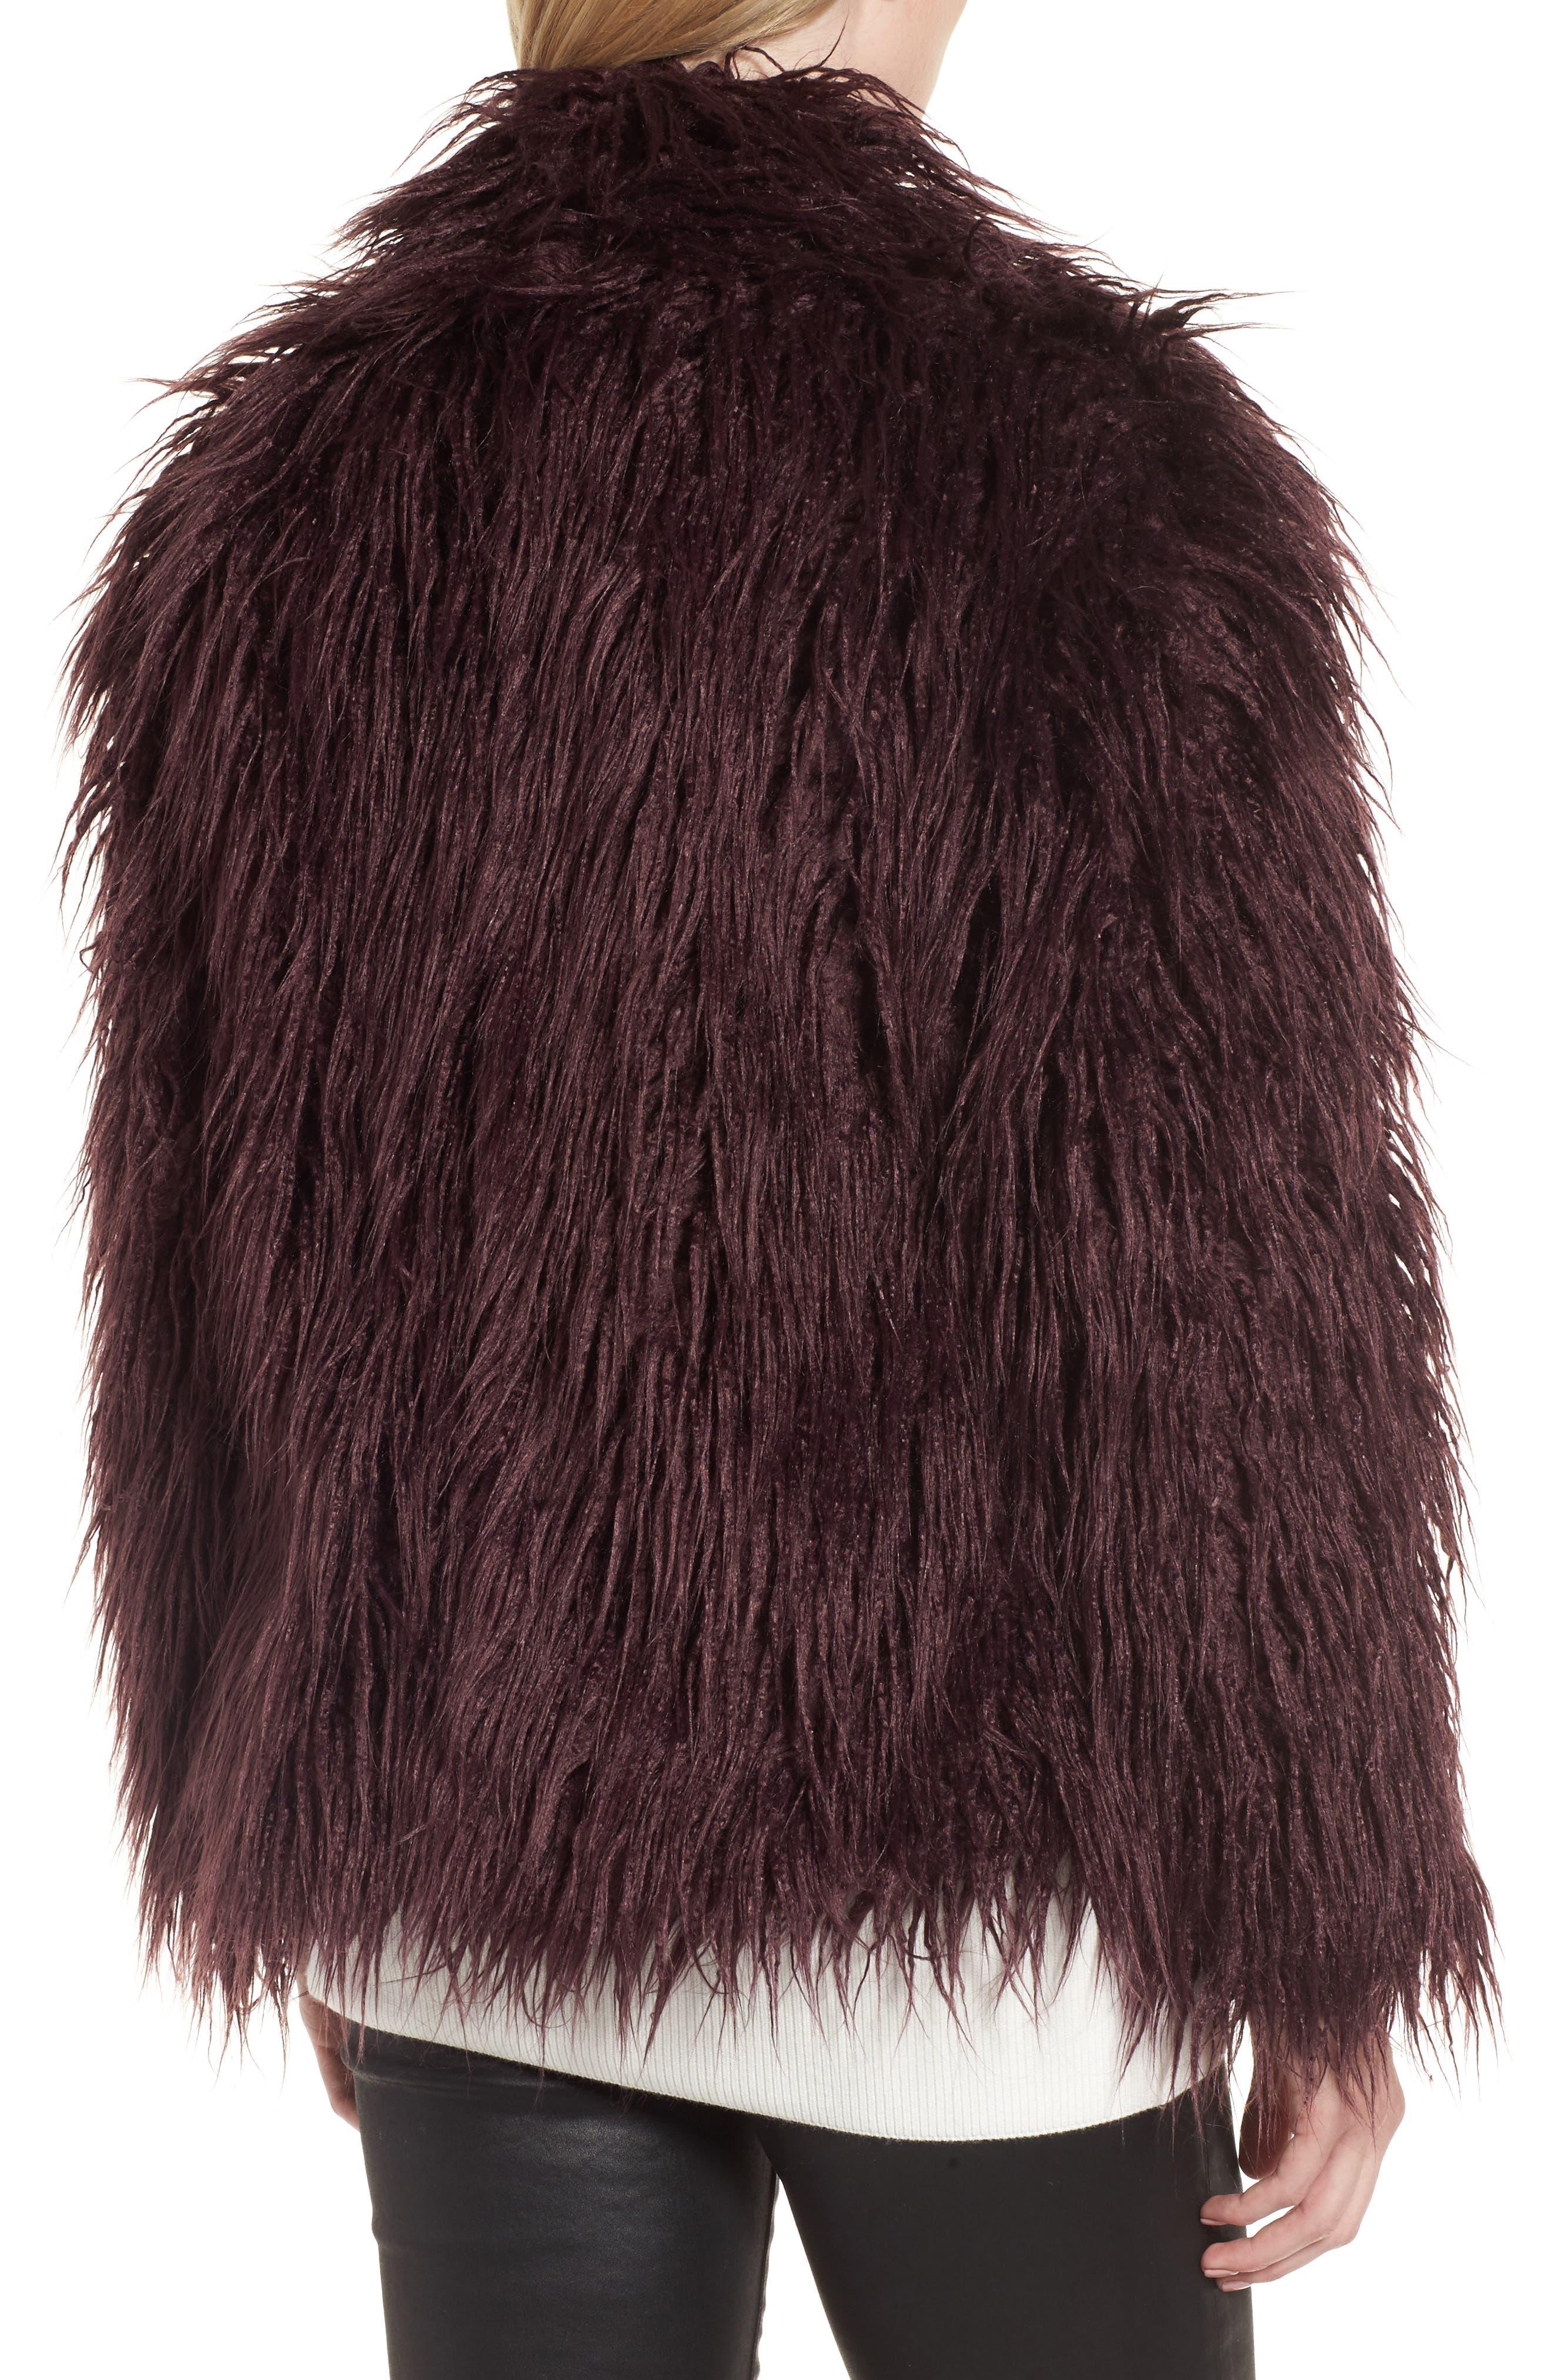 Shaggy Faux Fur Jacket,                             Alternate thumbnail 2, color,                             Burgundy Stem